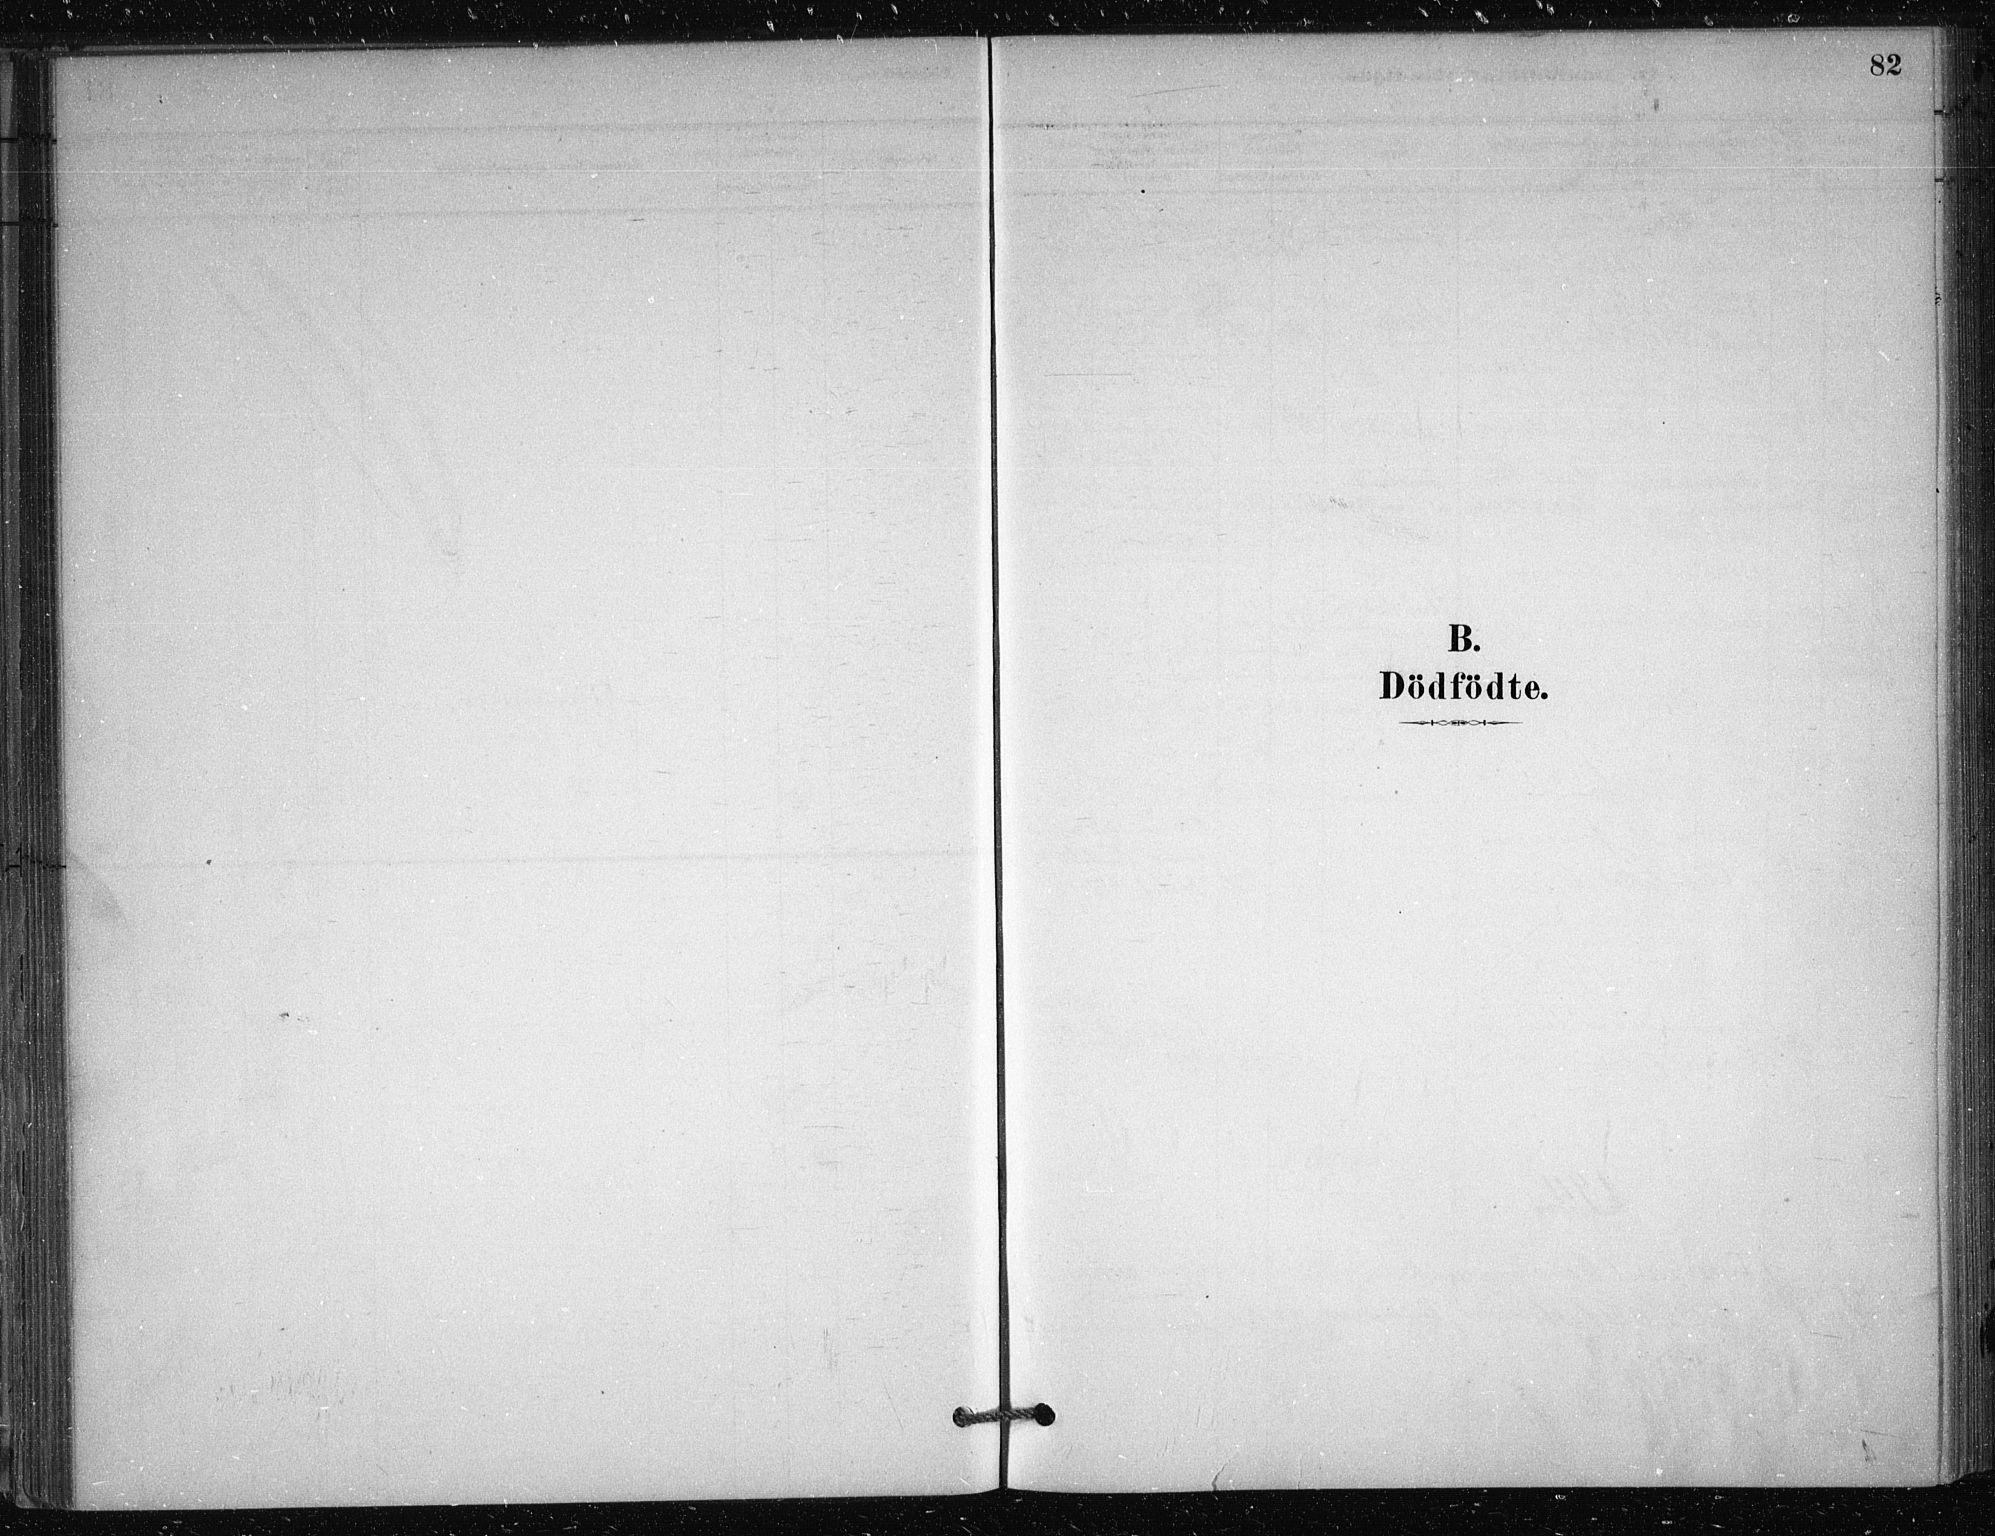 SAO, Nesodden prestekontor Kirkebøker, F/Fb/L0001: Ministerialbok nr. II 1, 1880-1915, s. 82